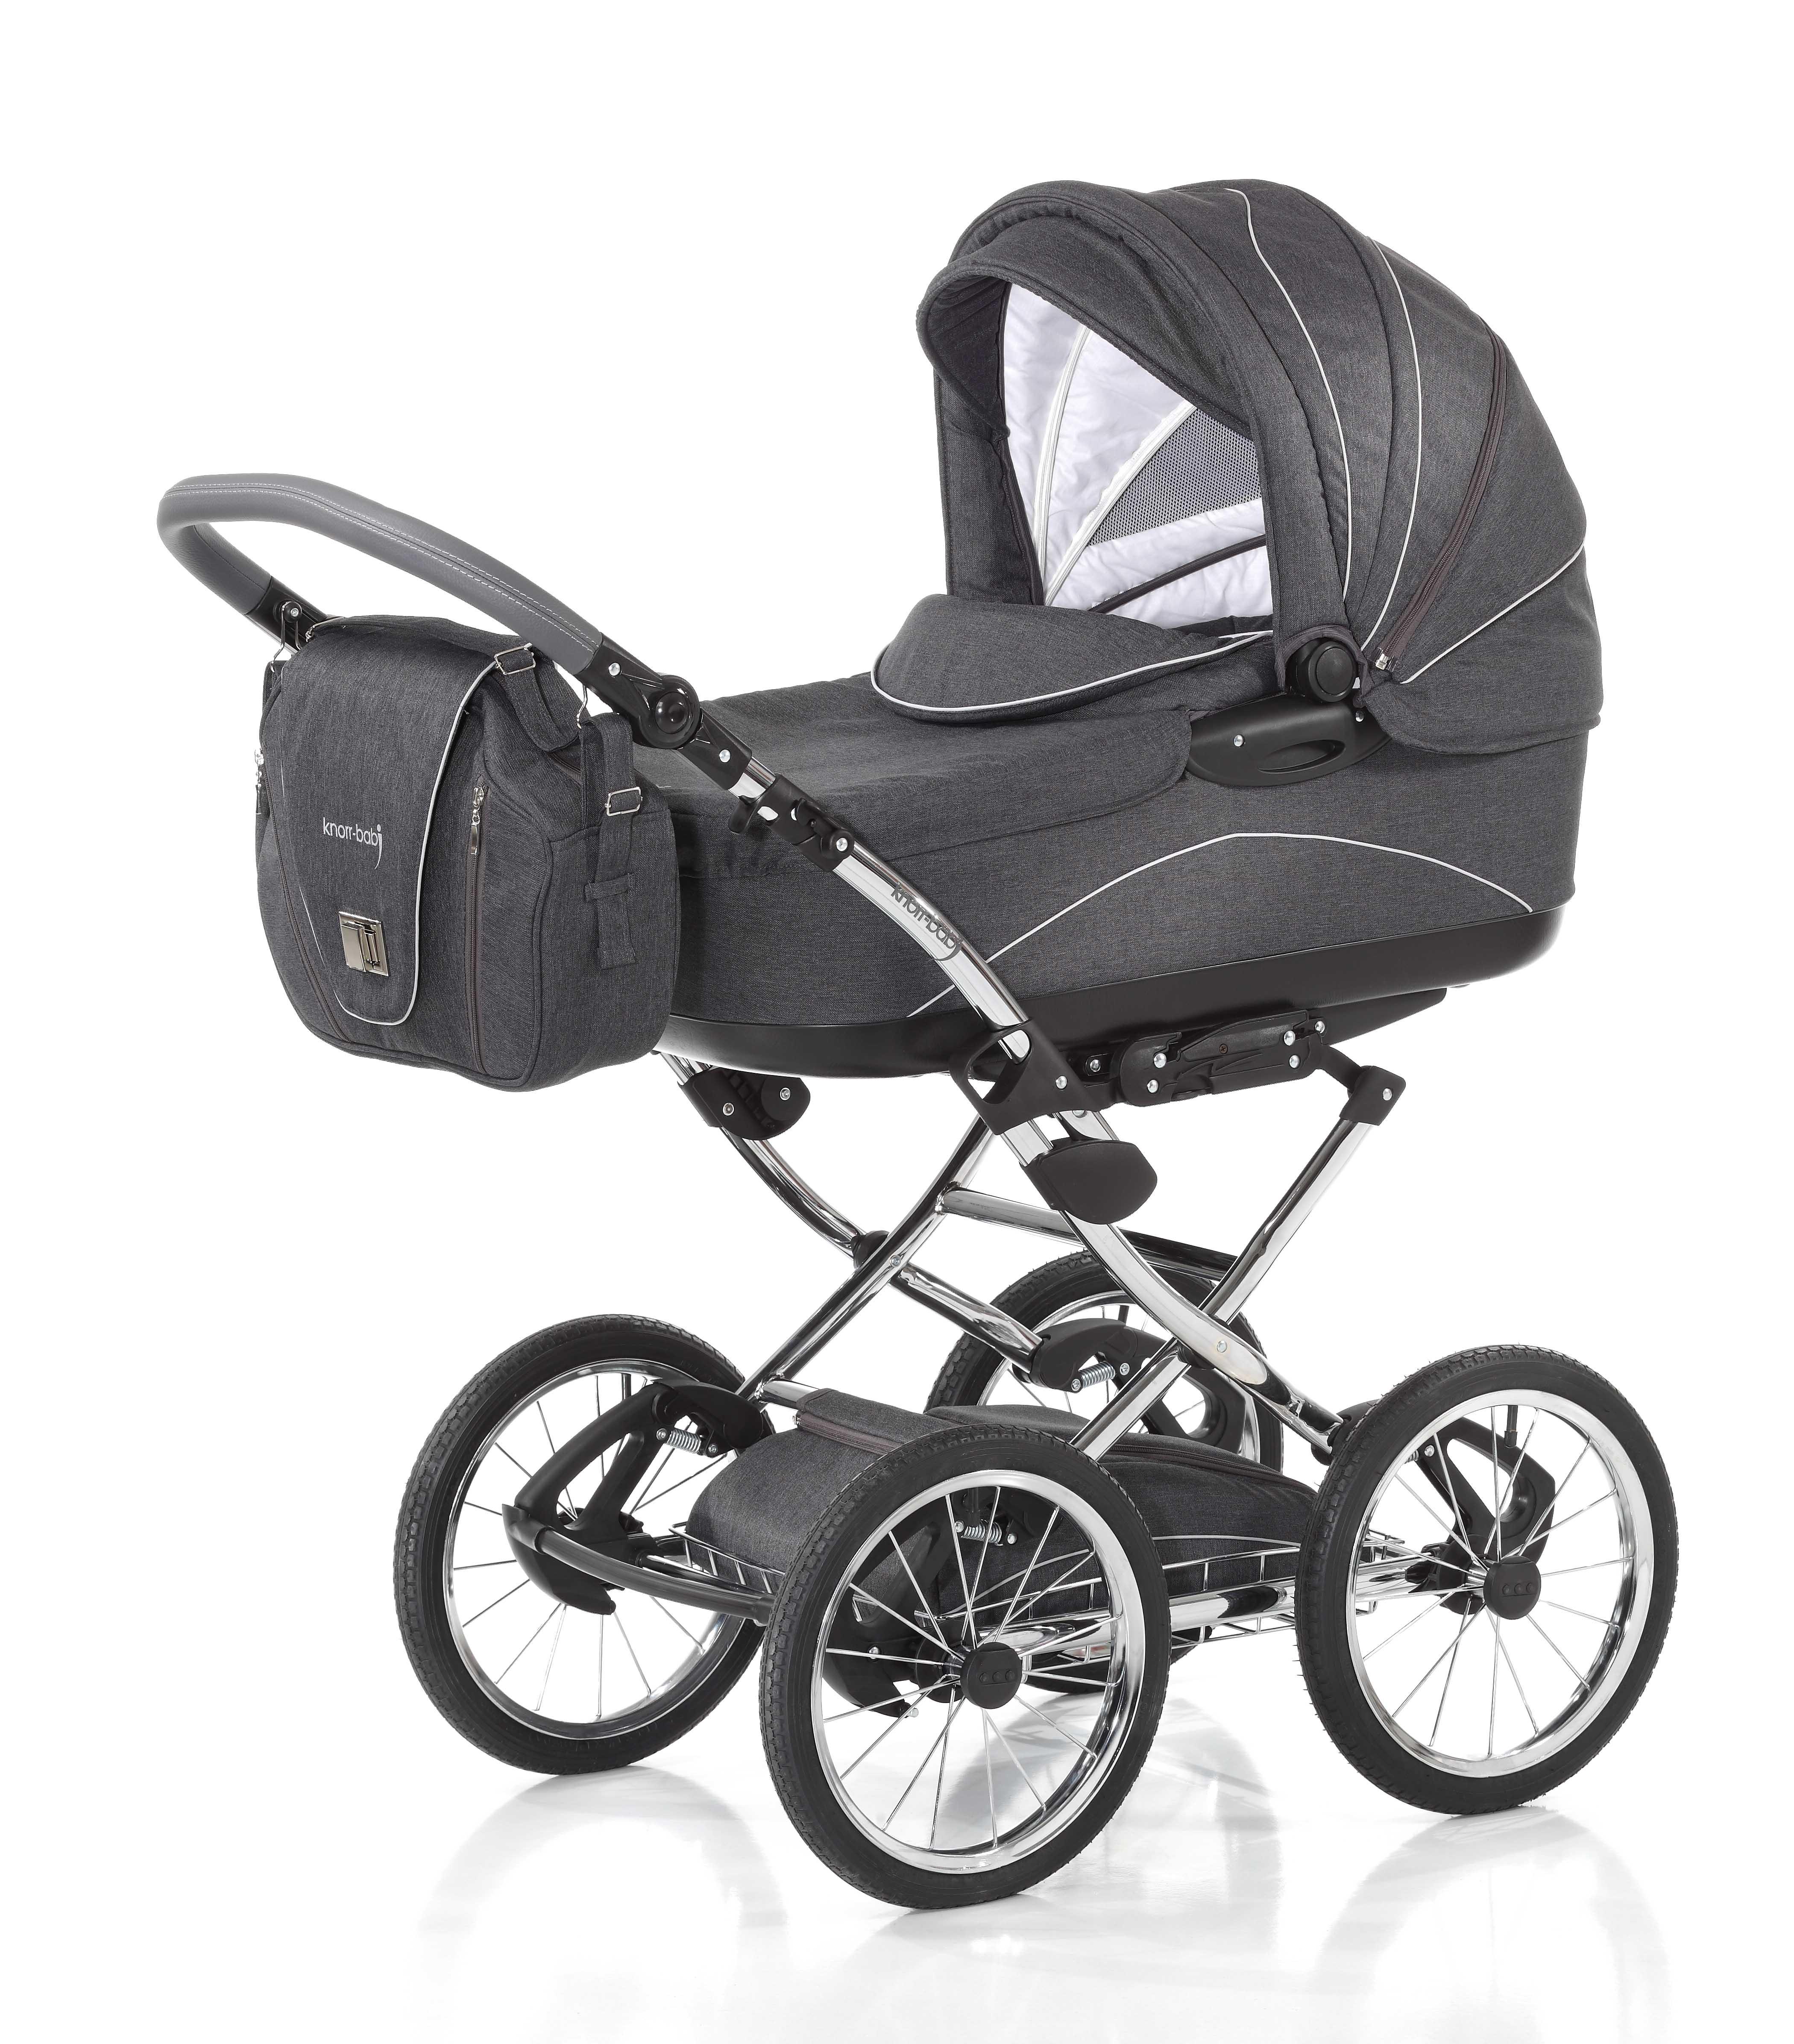 Knorr-Baby-CLASSICO-Retrokinderwagen-klassischer-Kinderwagen-Gestellfb-schwarz